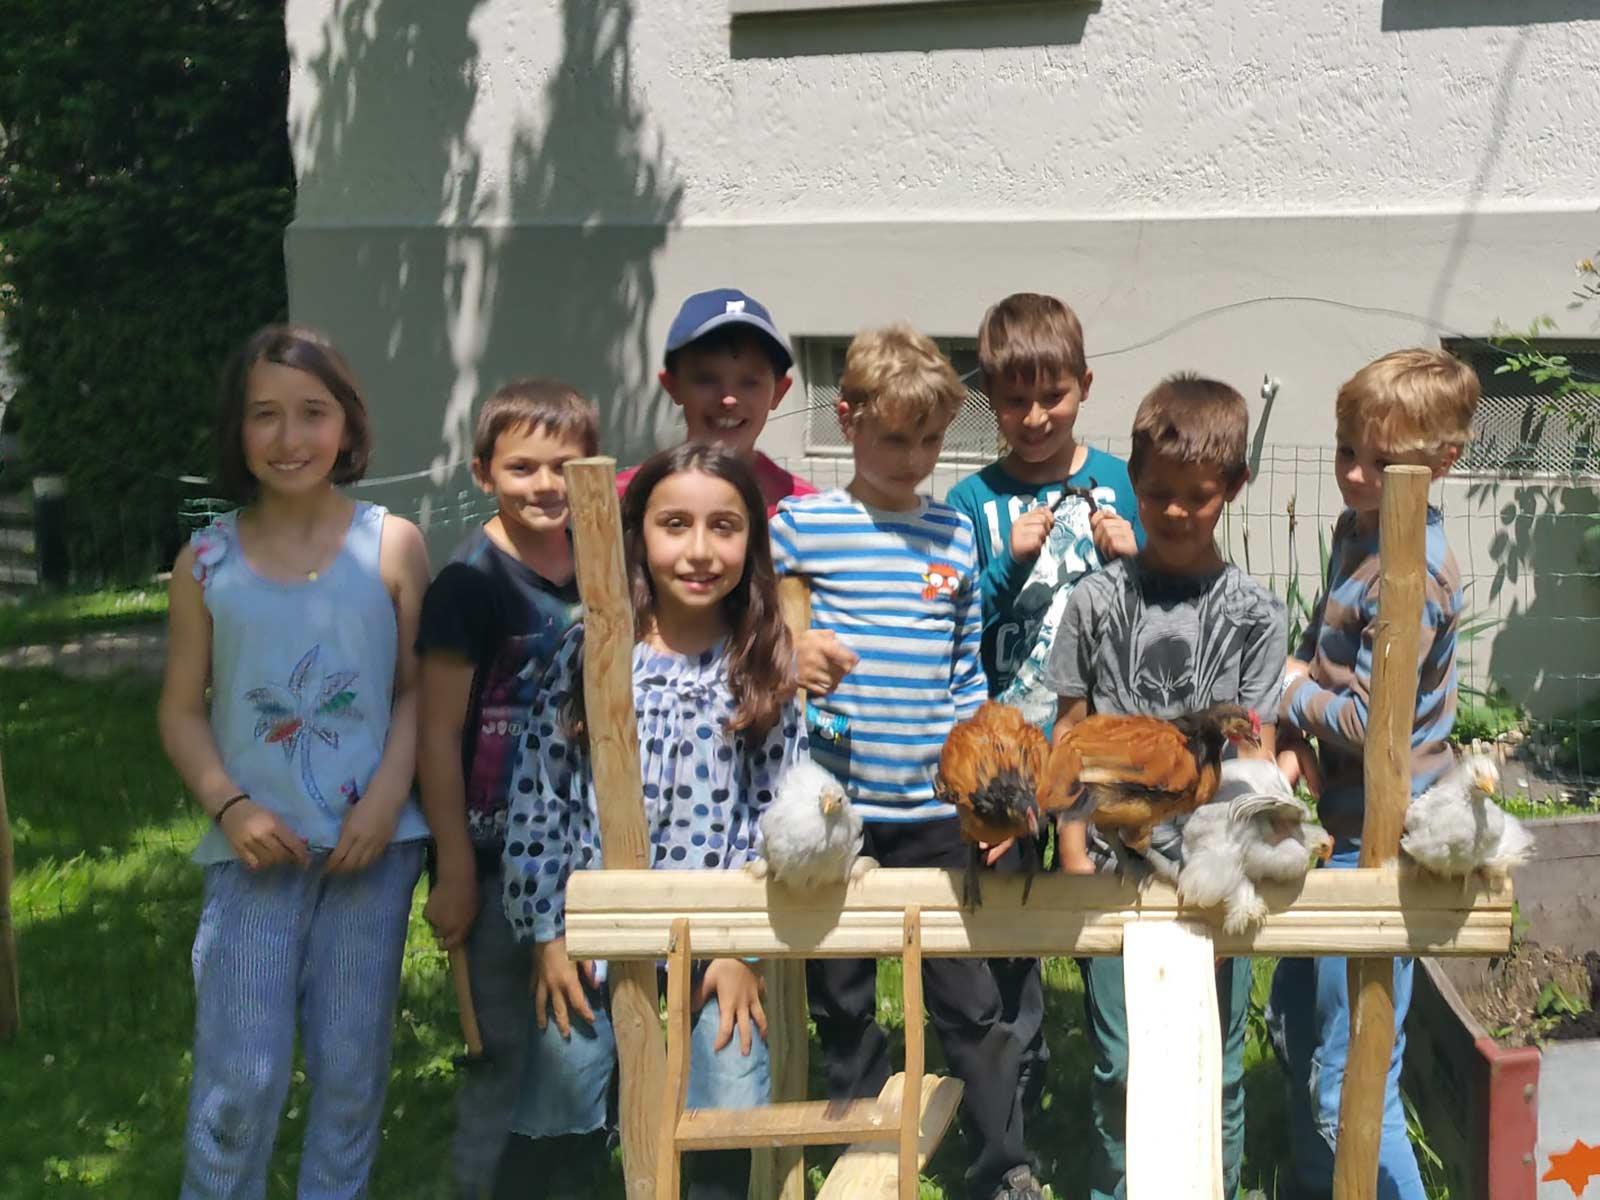 Unsere Unti-Kinder bauen für die Hühner ein Klettergerüst.